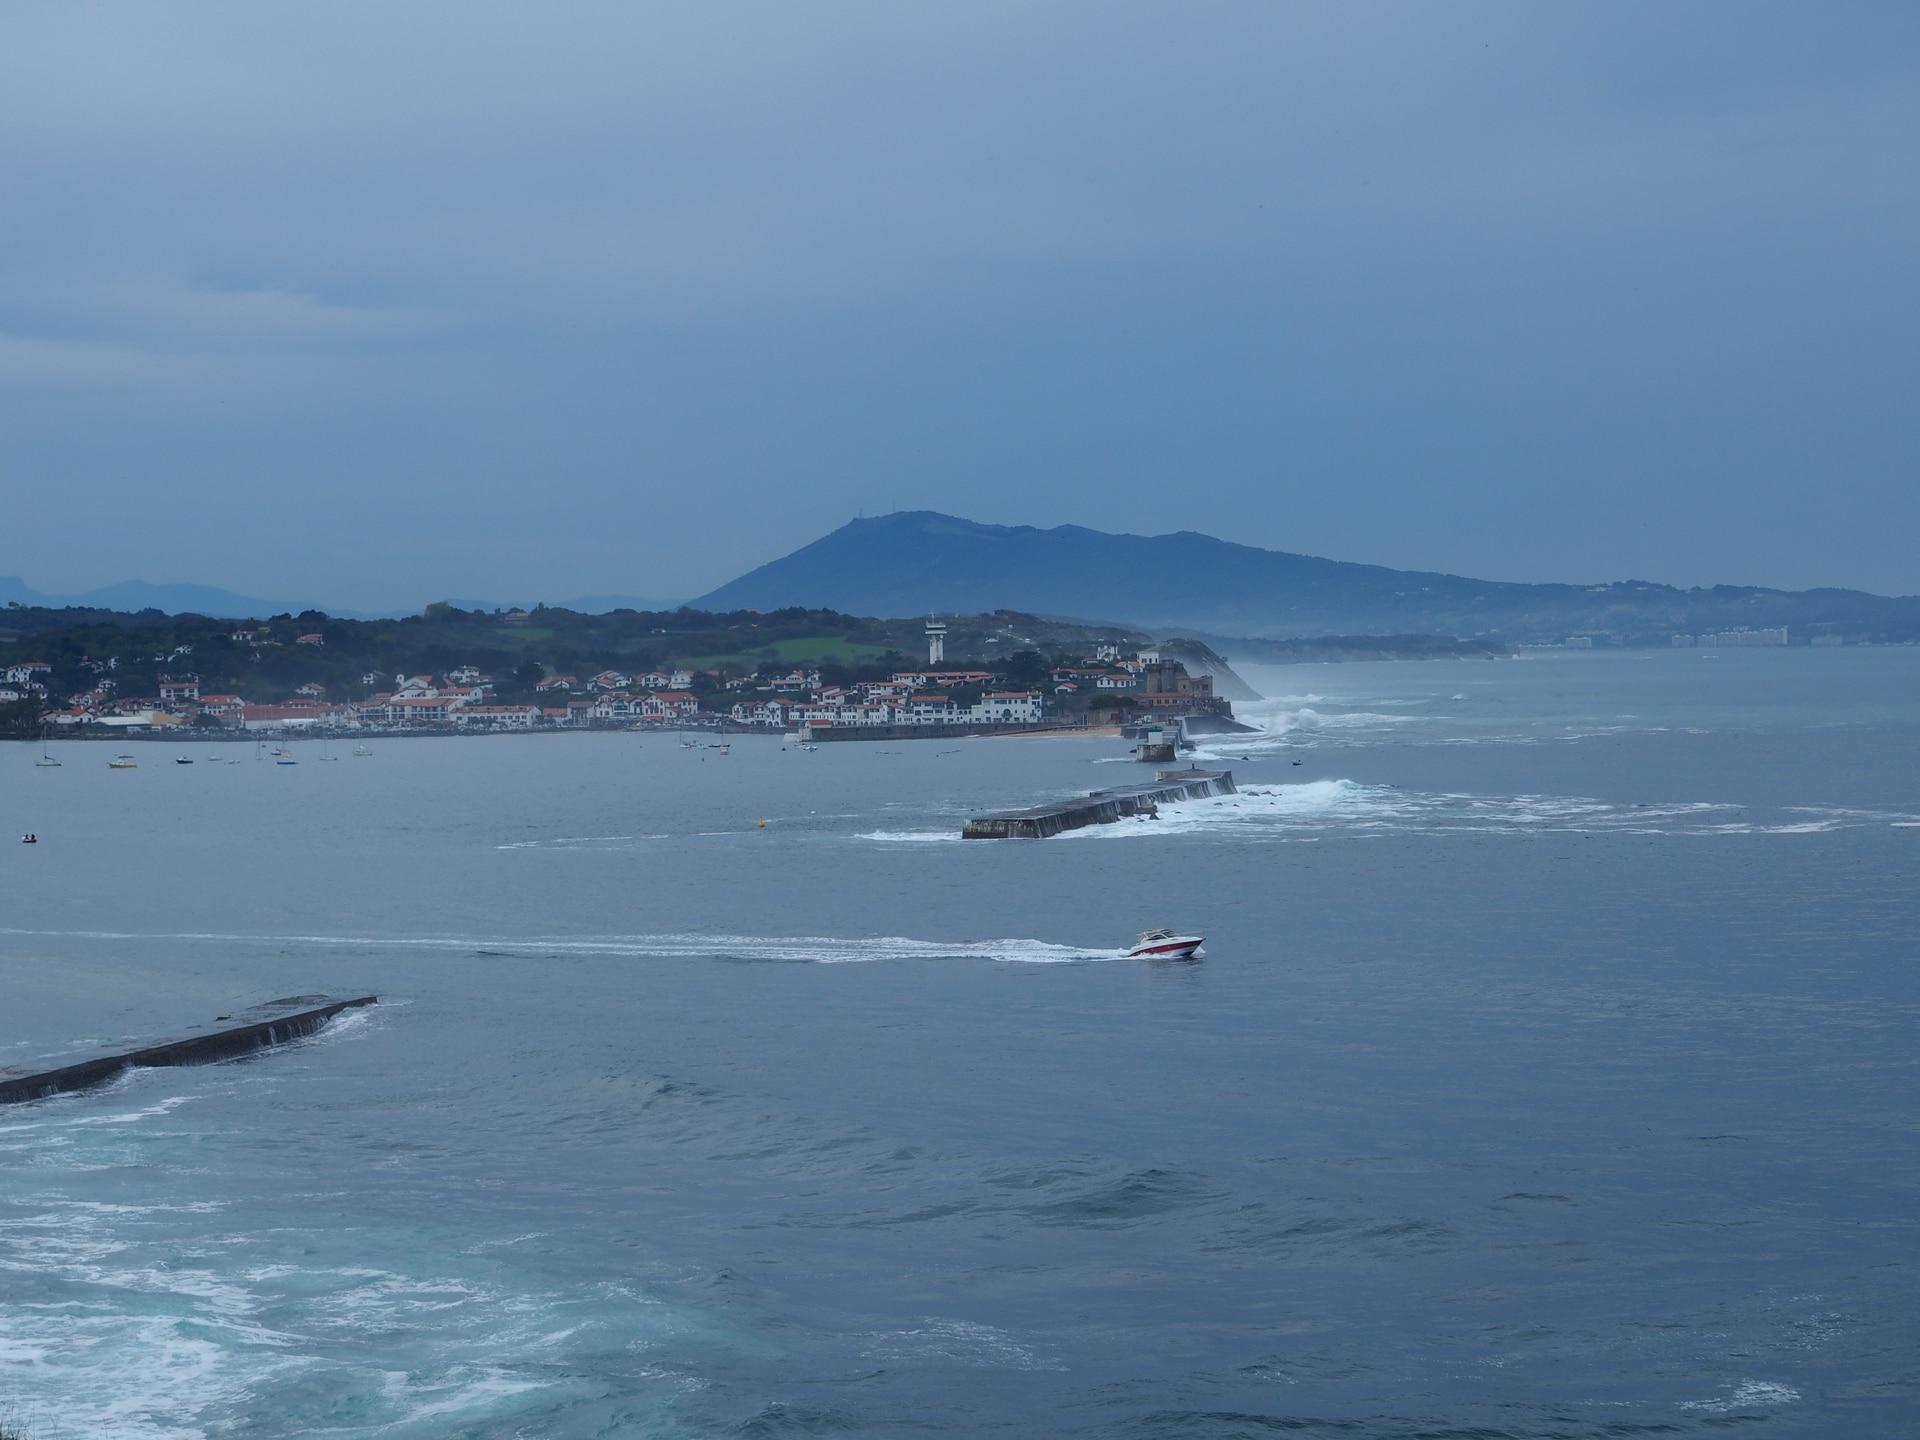 Vue sur la baie de Saint-Jean-de-Luz depuis le sentier du littoral